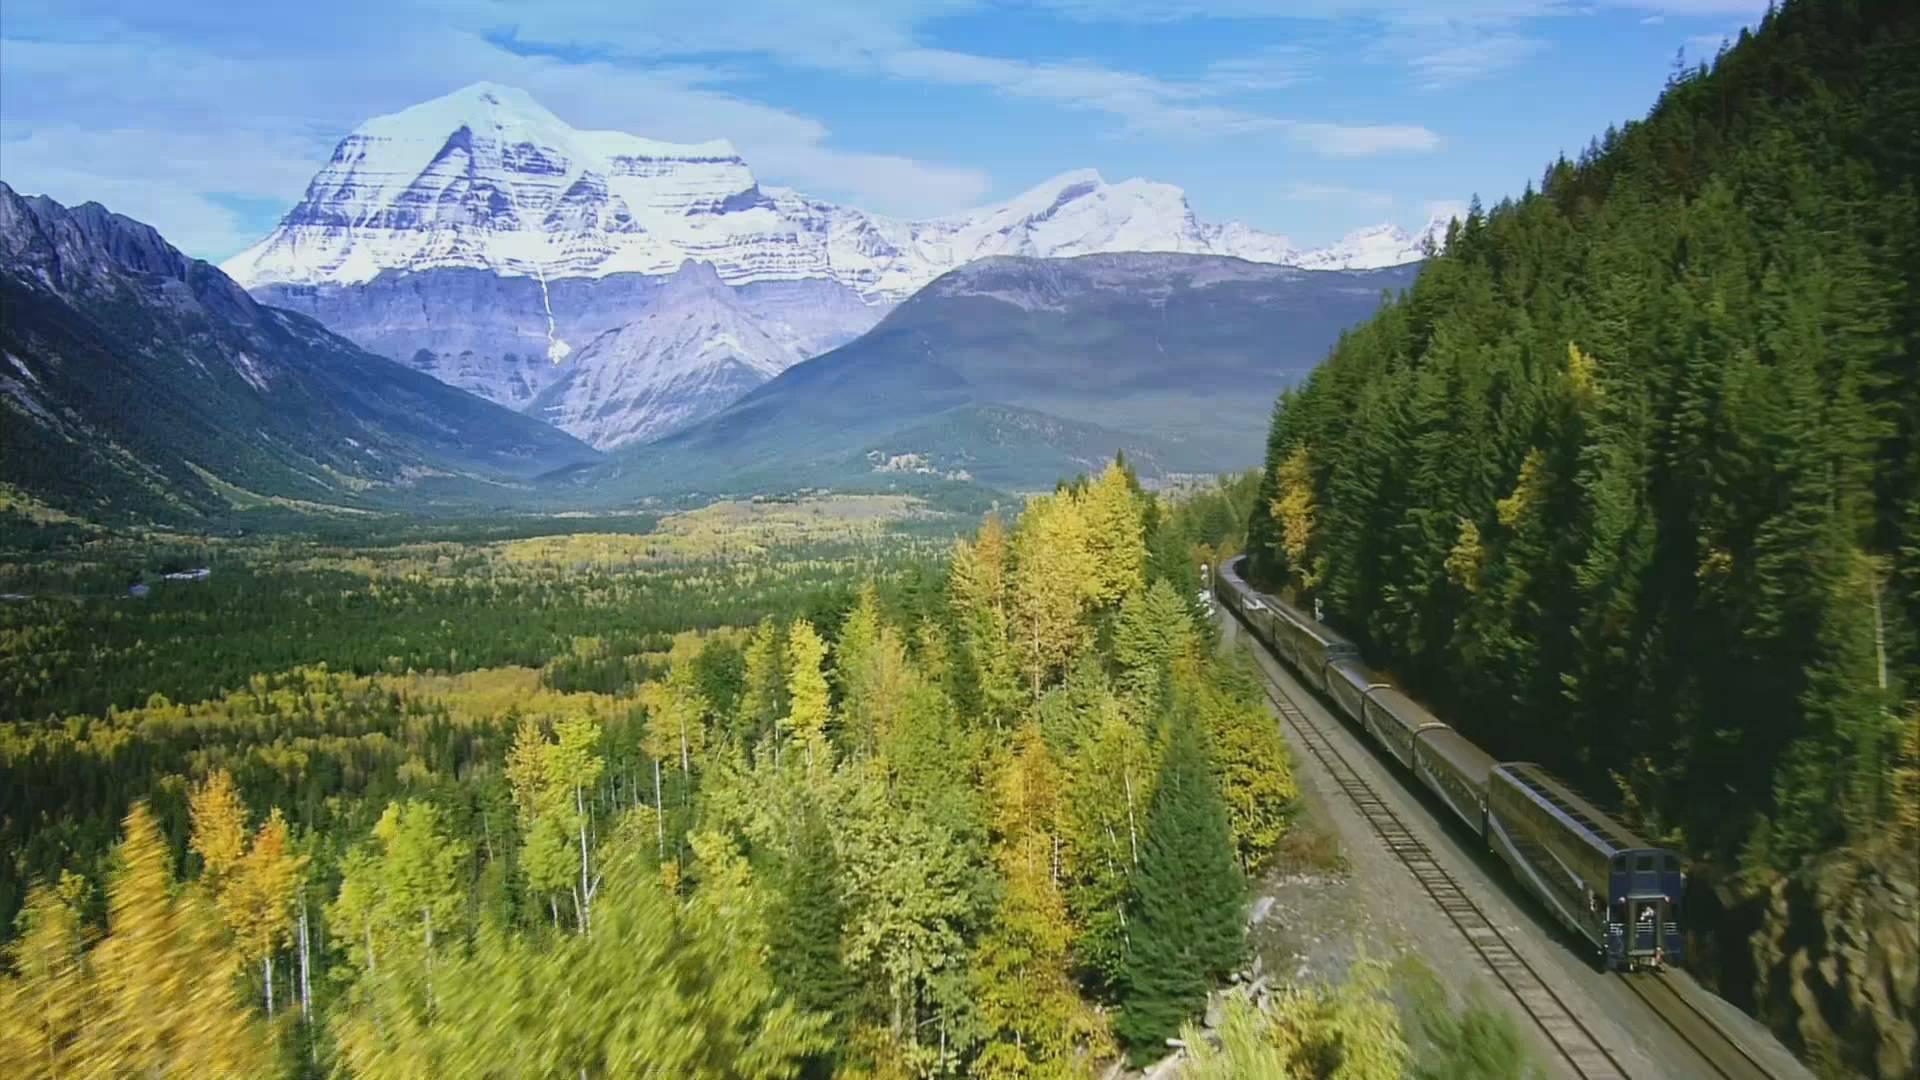 纪录片.Ch5.世界最美的铁路.S01E01.2019[高清][英字]